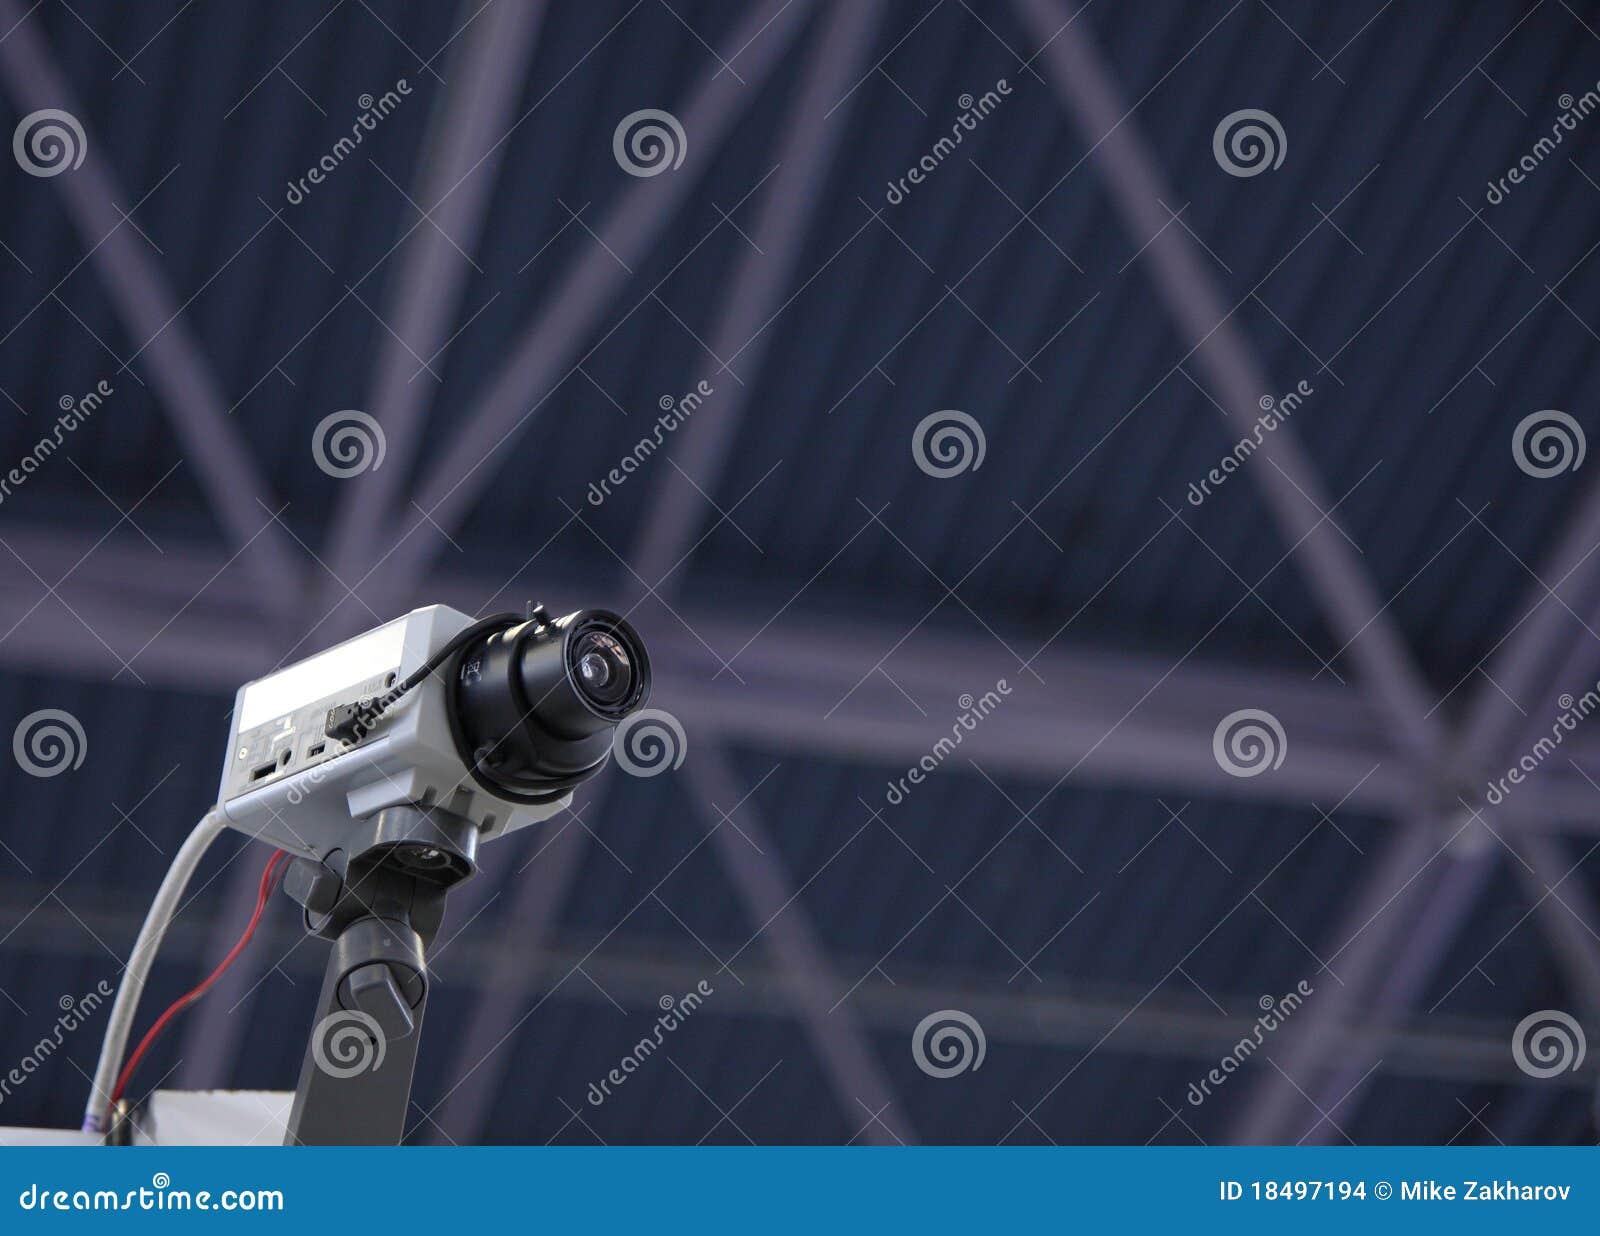 Videocamera di sicurezza del CCTV.